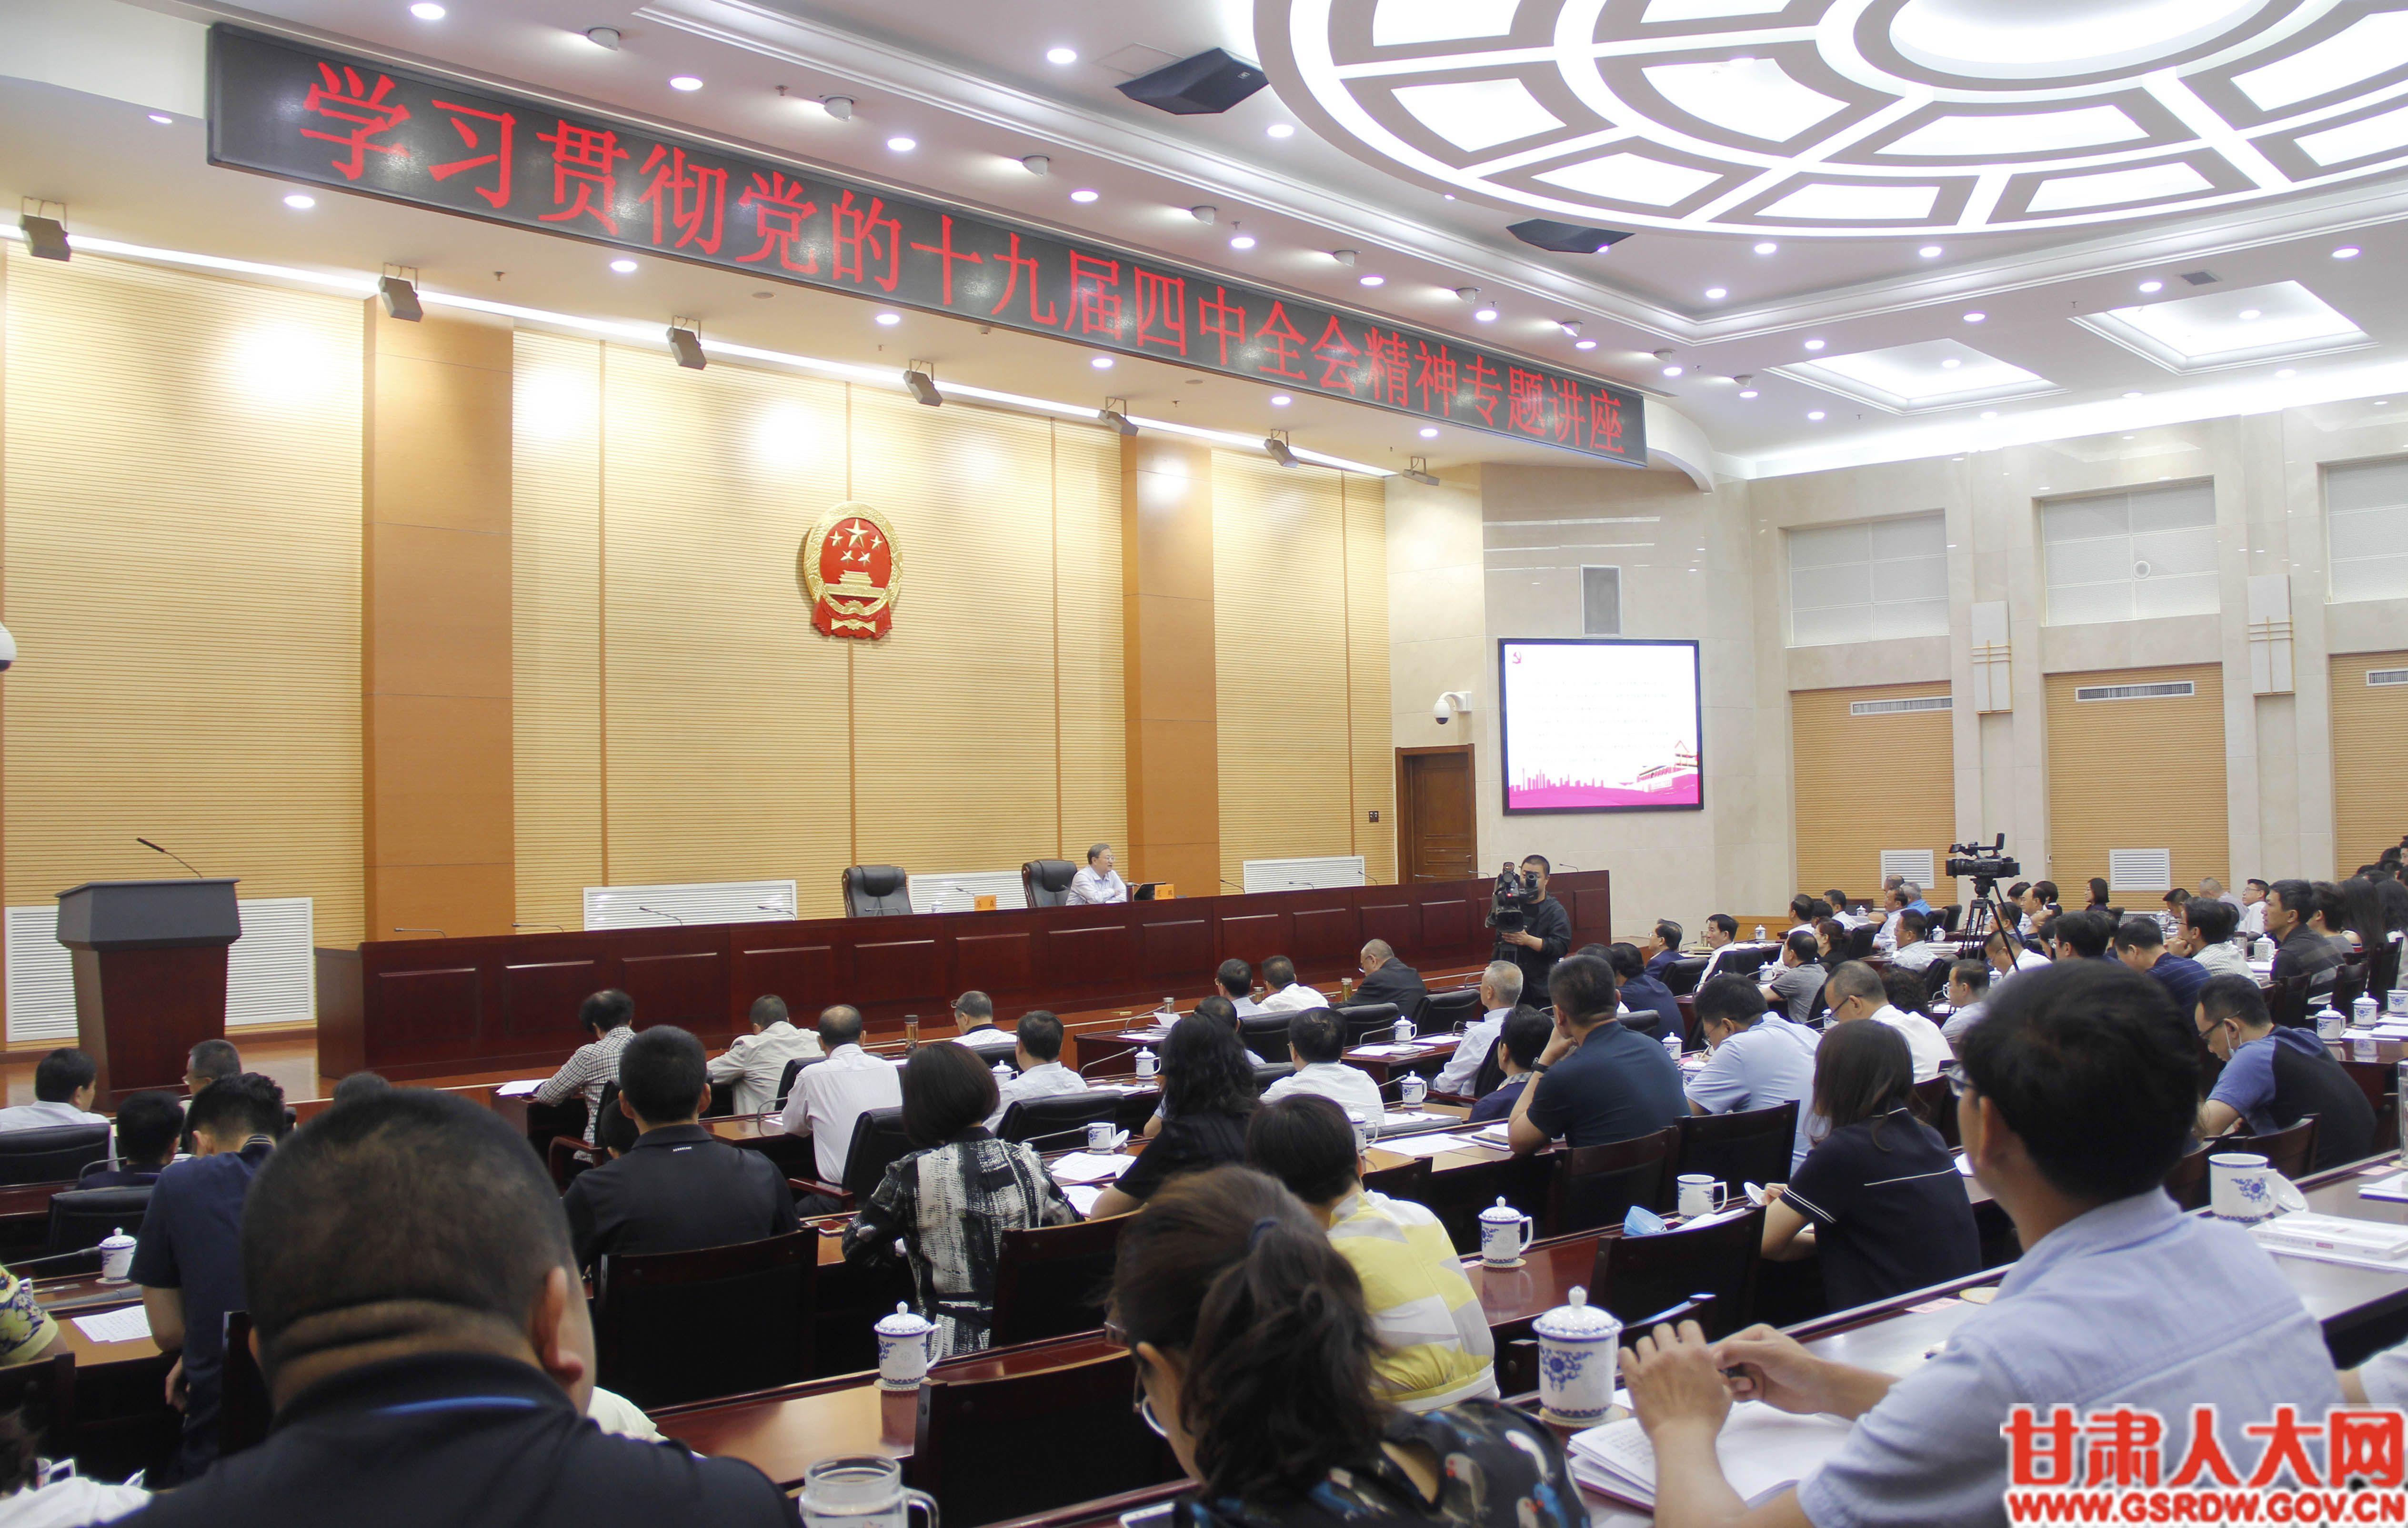 6月12日上午,省人大常委会机关举办学习贯彻十九届四中全会精神专题讲座